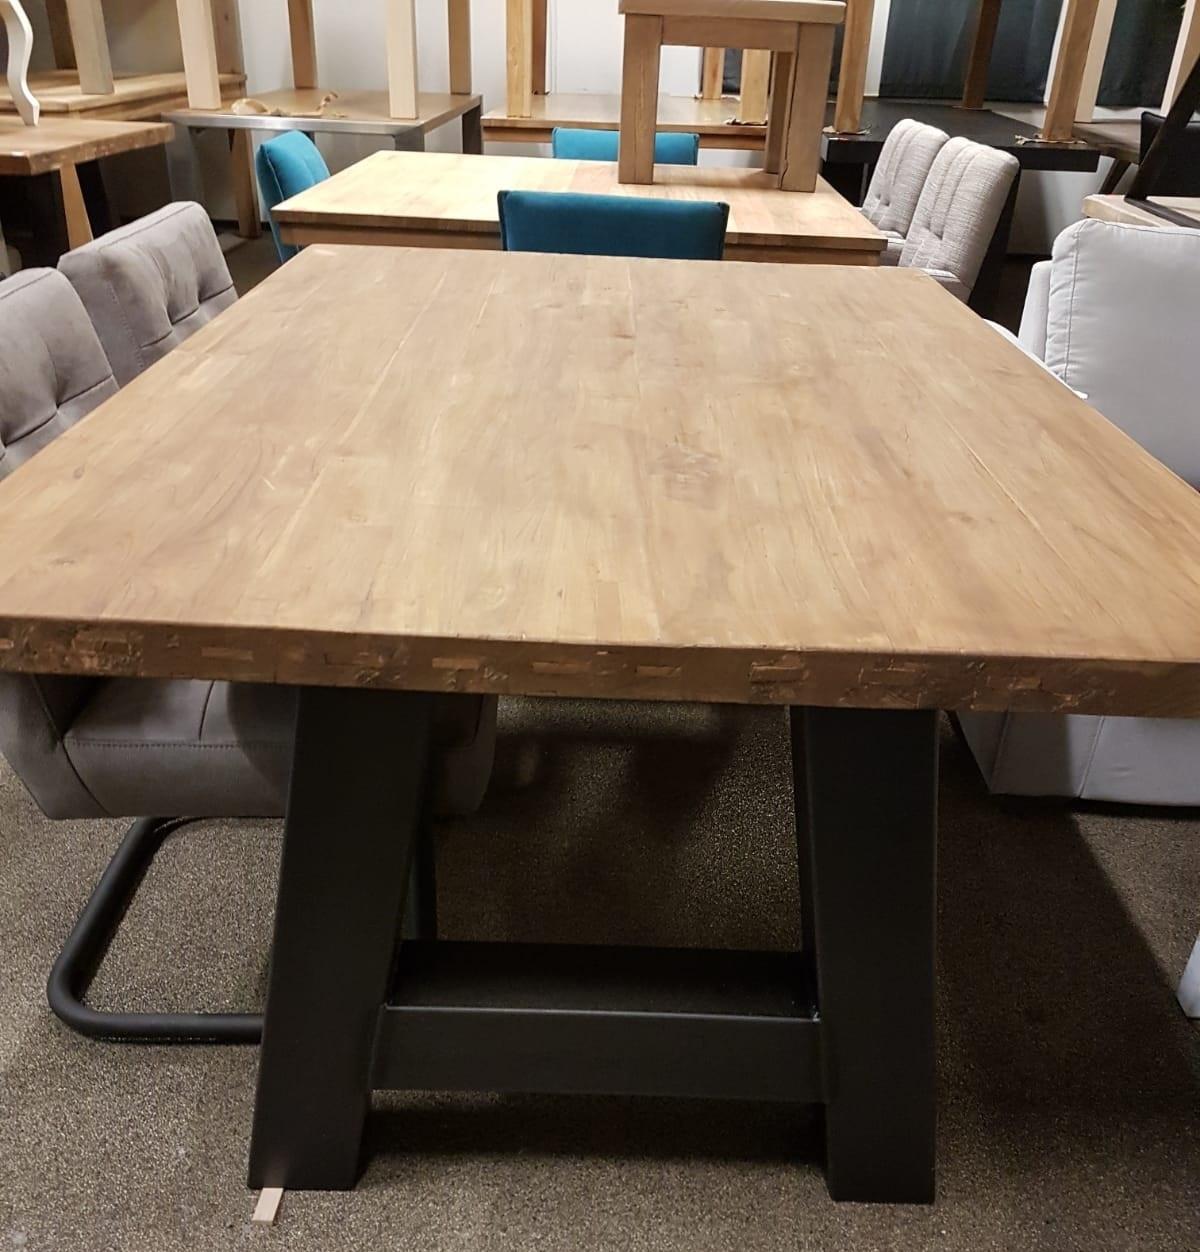 Showmodel 17 teakhouten tafel 180 cm